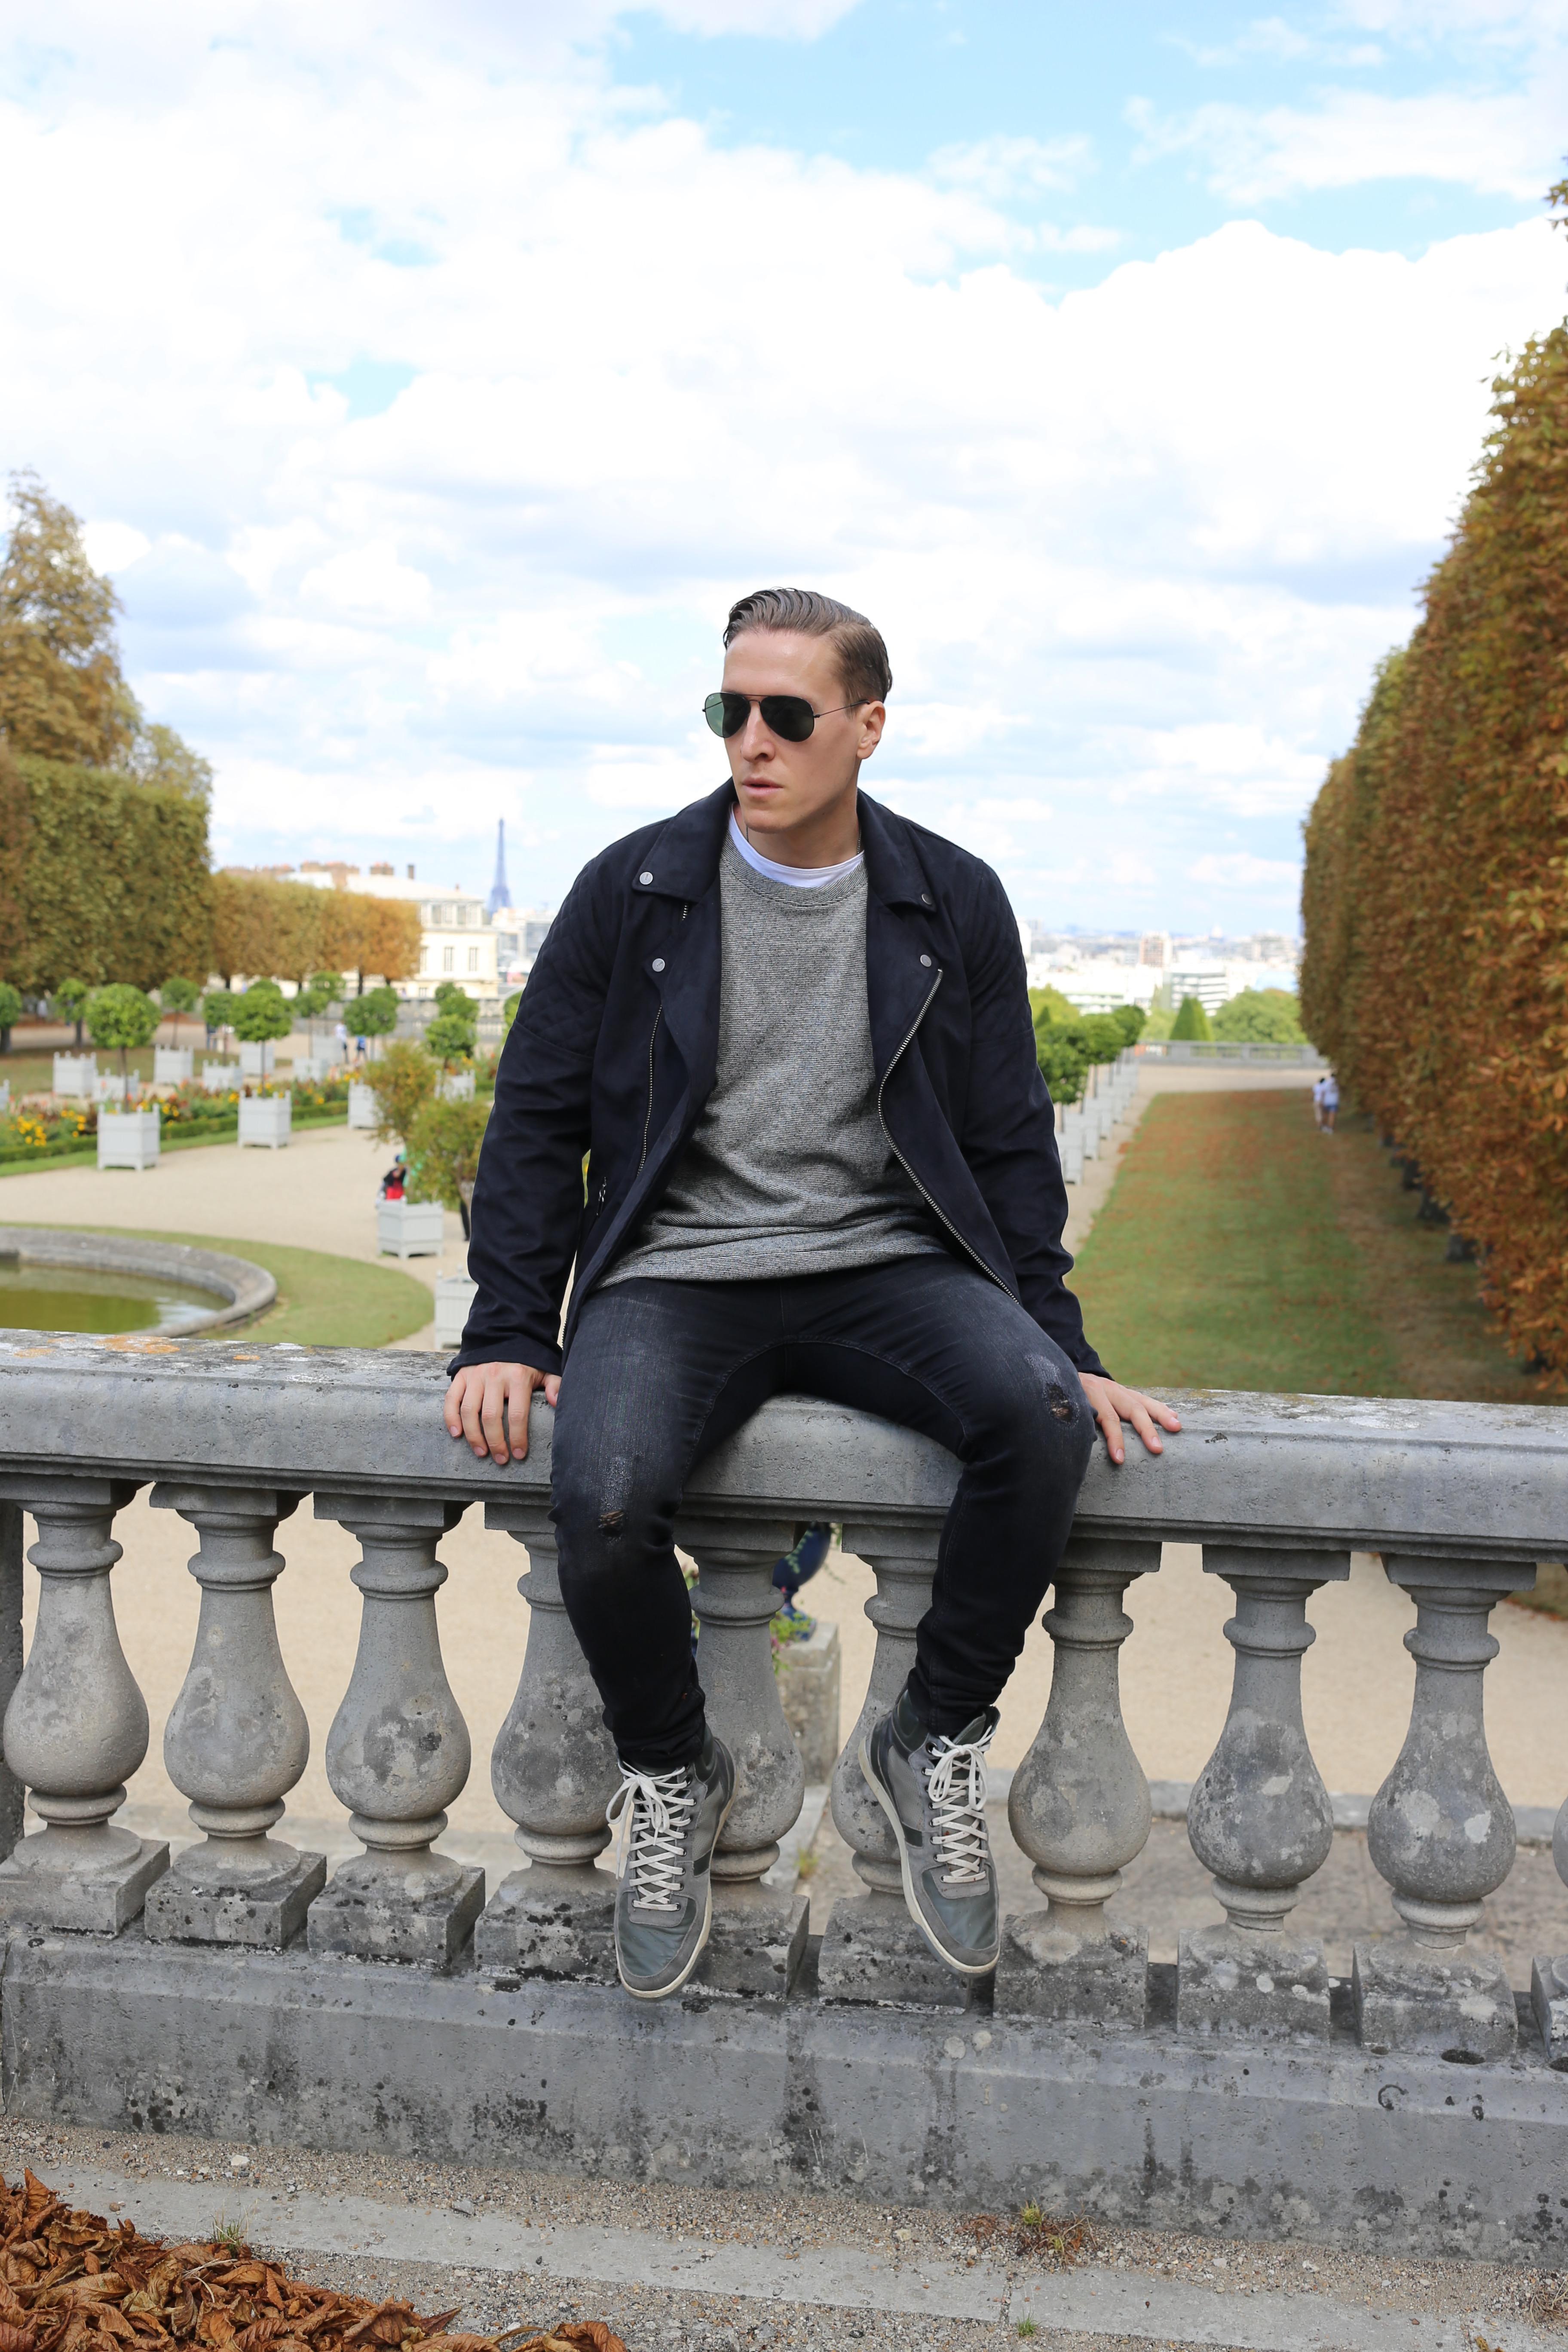 wochenende-in-paris-reiseblogger-tipps-reiseübelkeit-reisen-frankreich-st-cloud